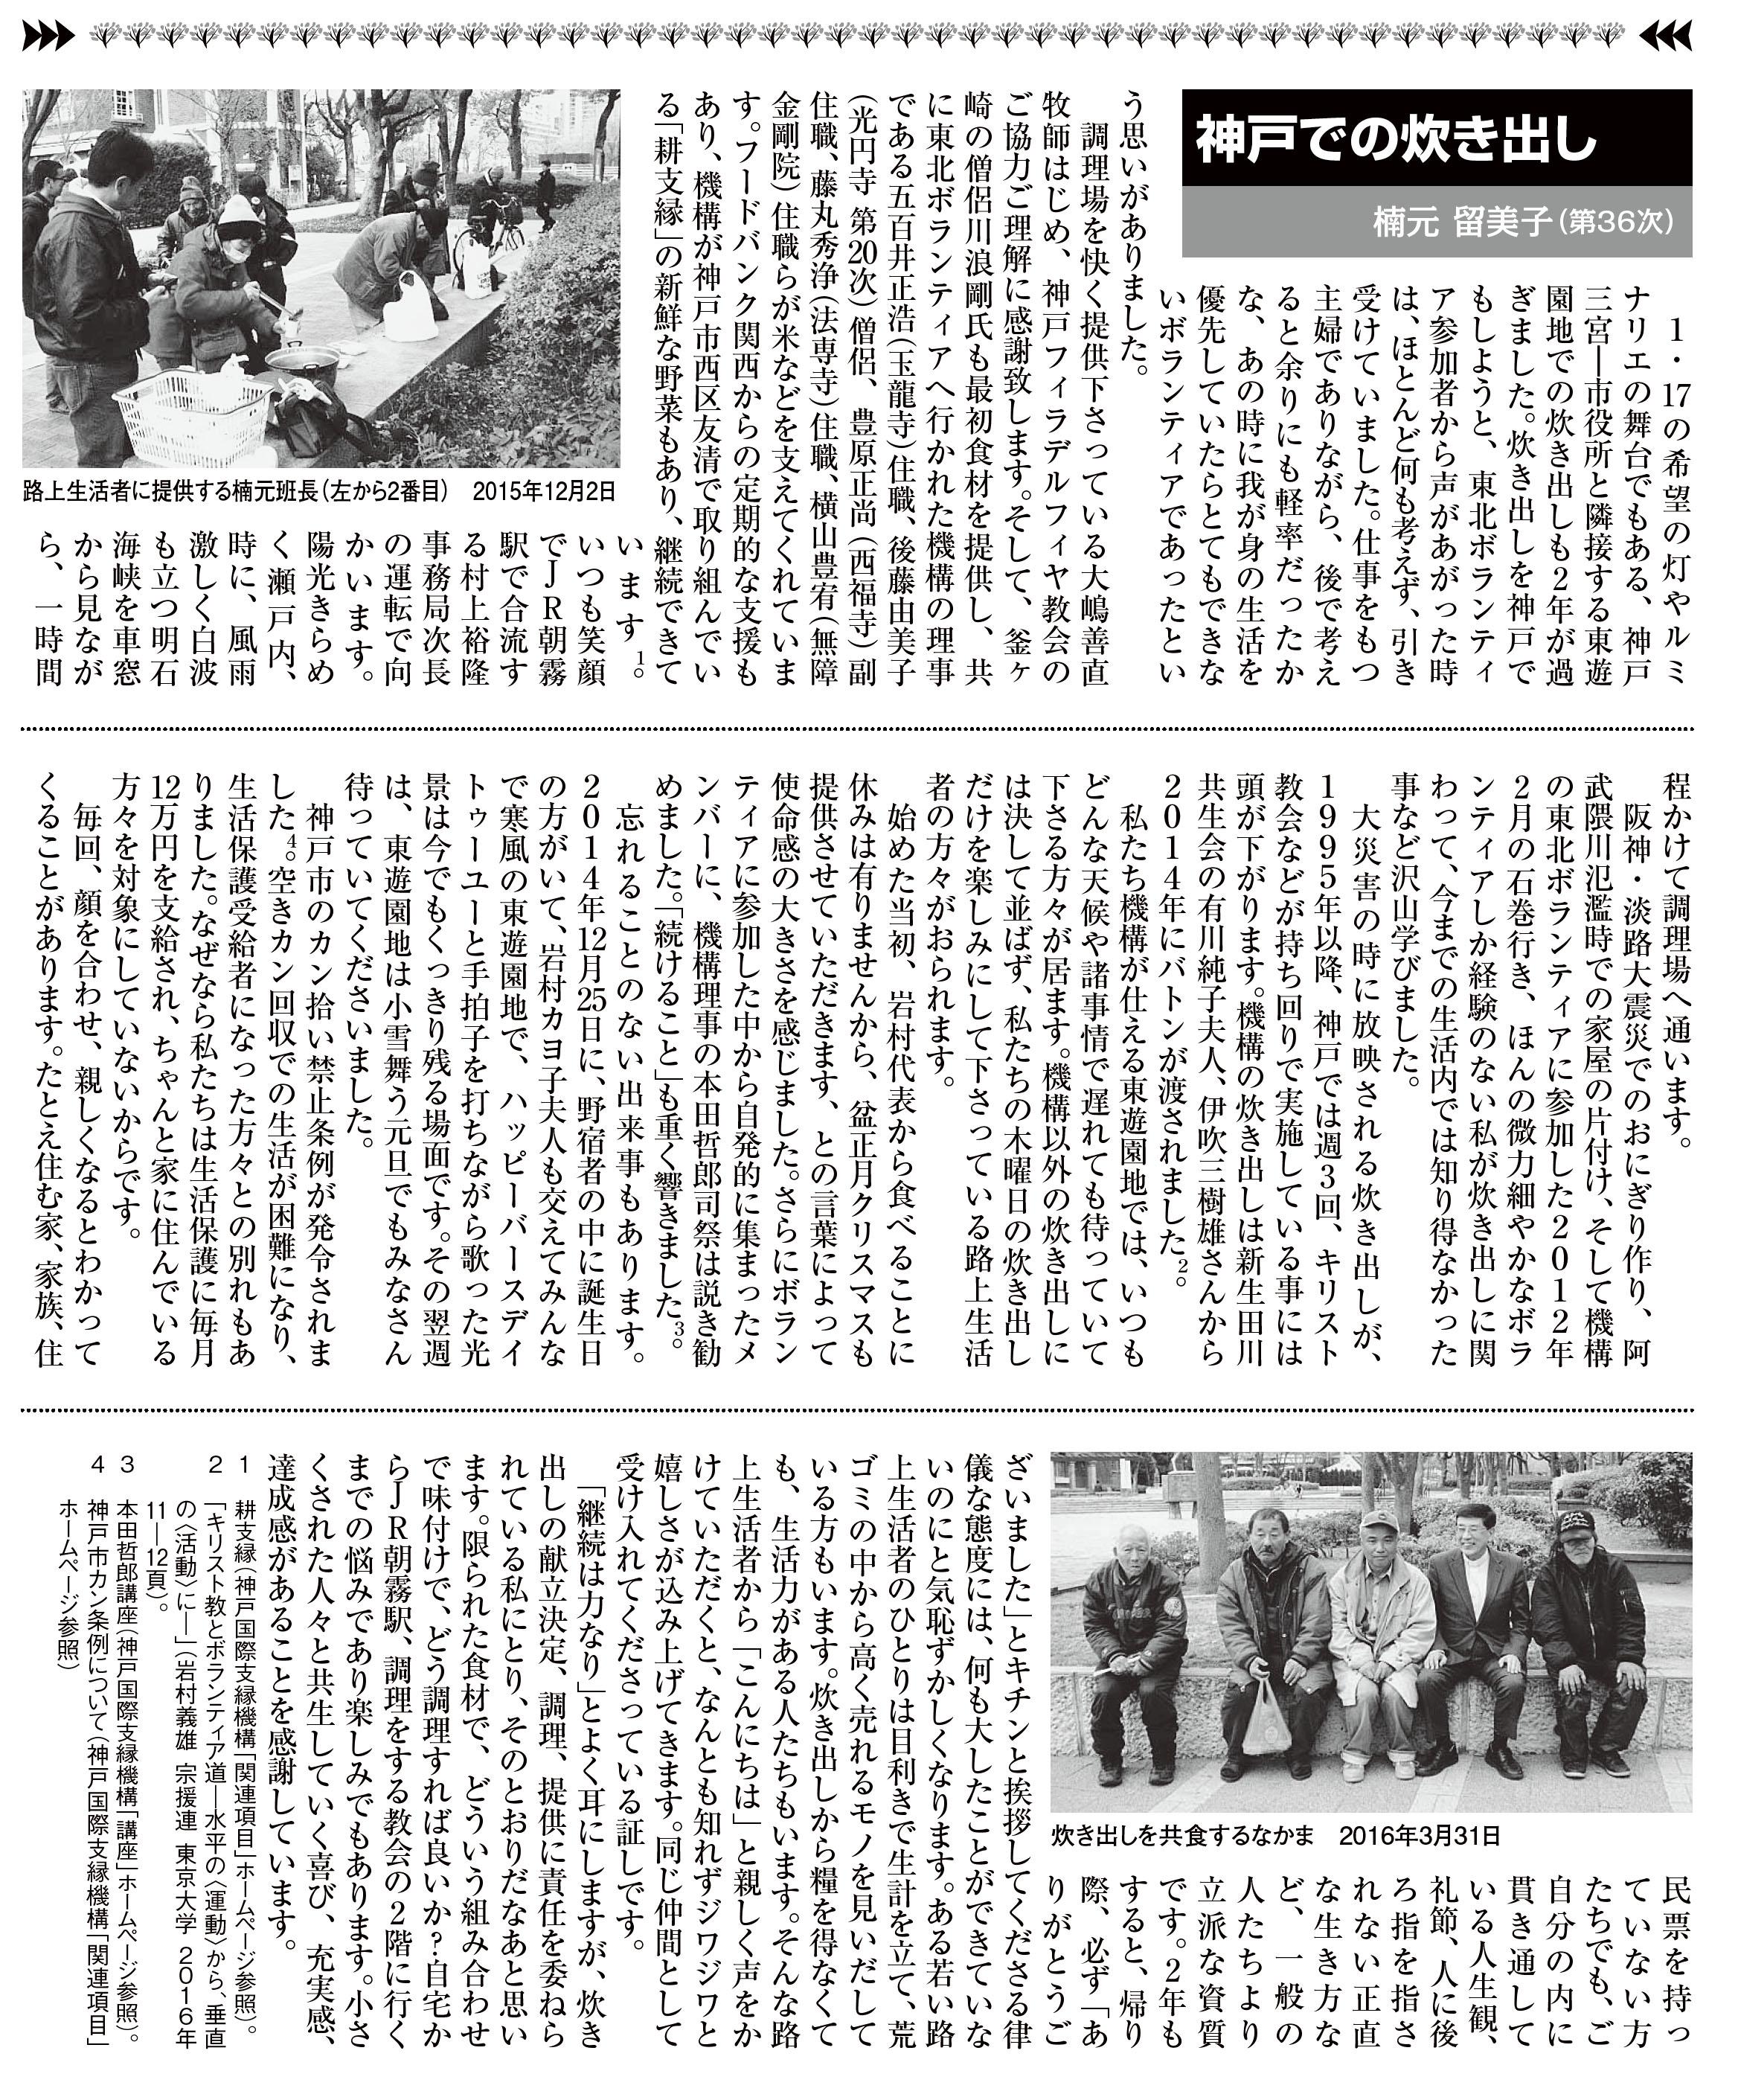 季刊誌「支縁」(神戸国際支縁機構 2016年 2頁)。